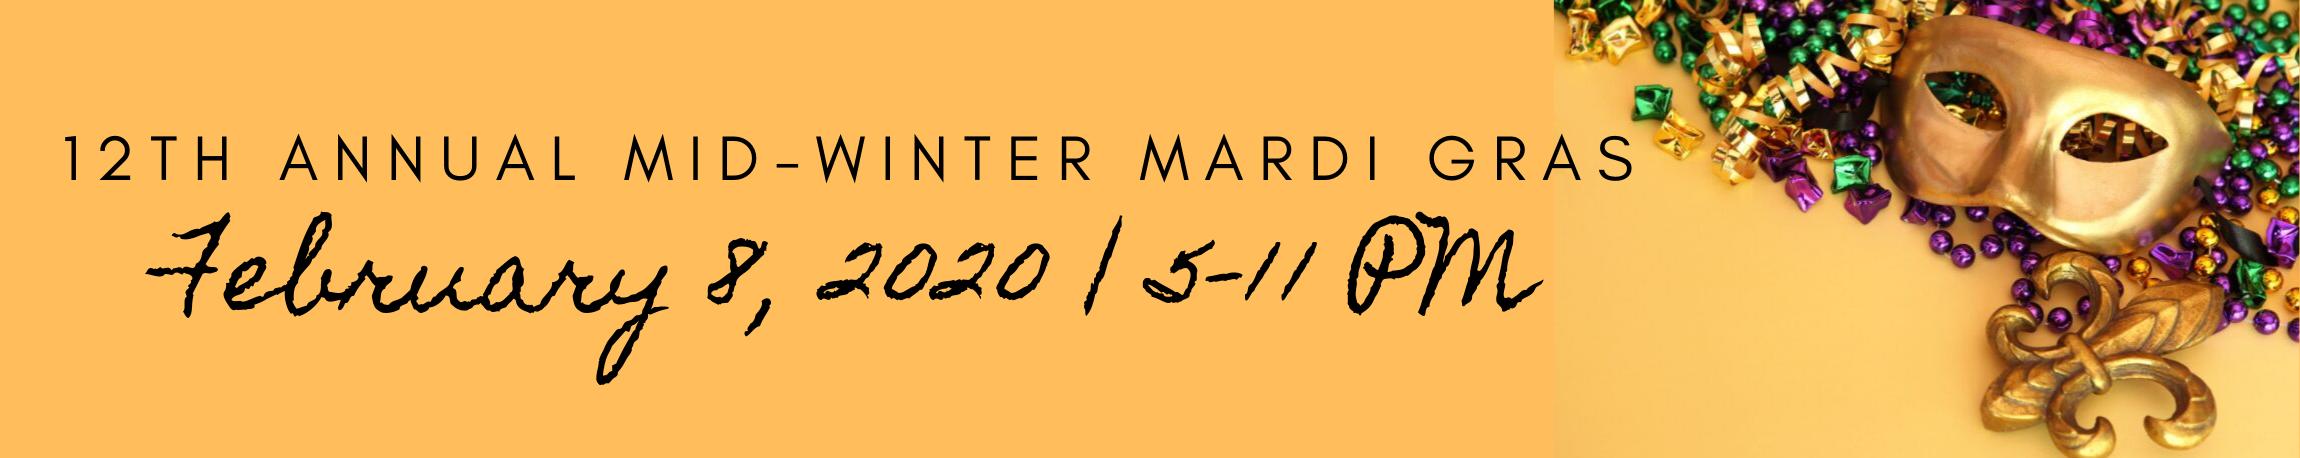 MG Banner 2020